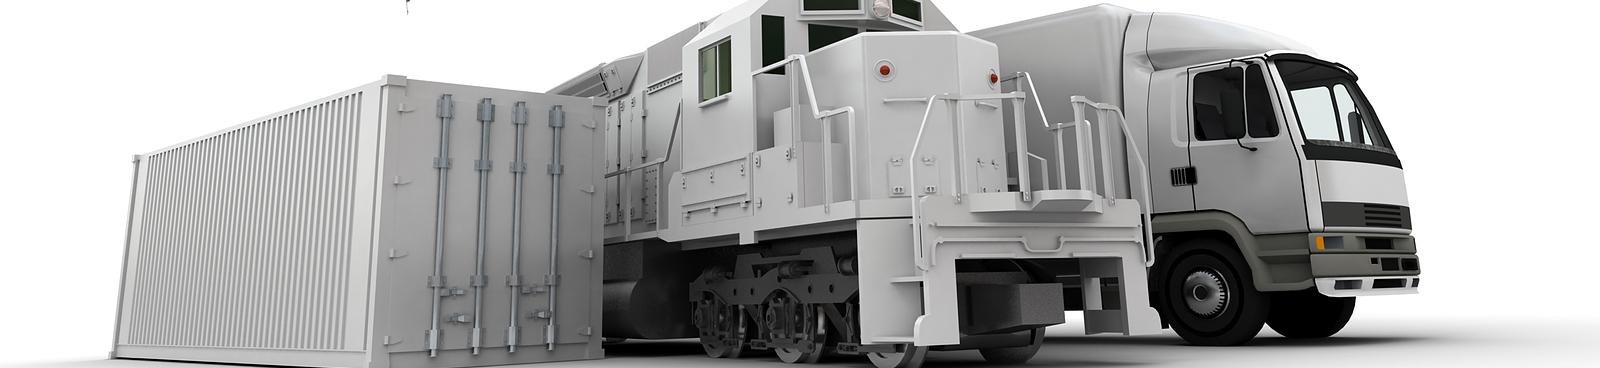 Перевозка Доставка Сырье Транспортировка Логистика самолет поезд фура камаз грузовик контейнер